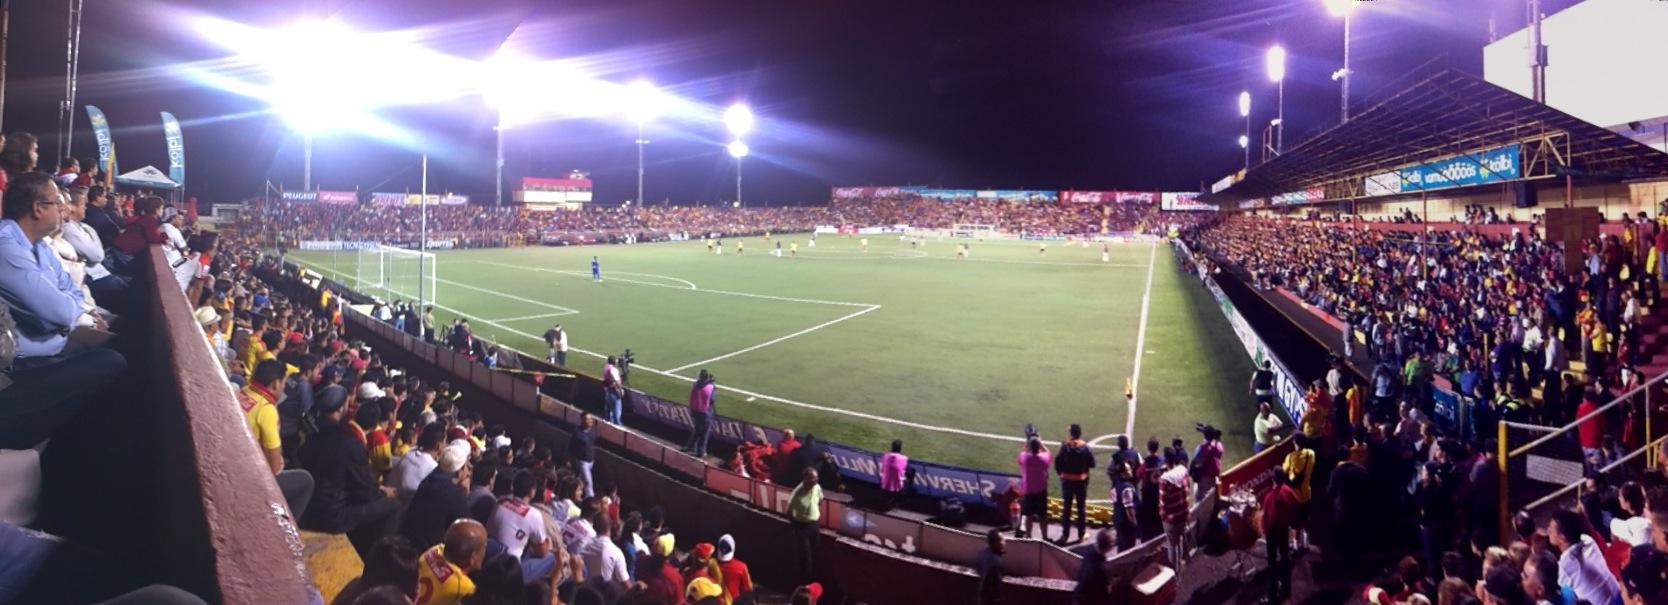 Localización: Heredia, Costa Rica. Propietario: Asociación Deportiva Club Sport Herediano Detalles técnicos:Superficie: Césped Sintético. Dimensiones: 105 x 68 m. Capacidad: 8.700 espectadores. Apertura: 1951